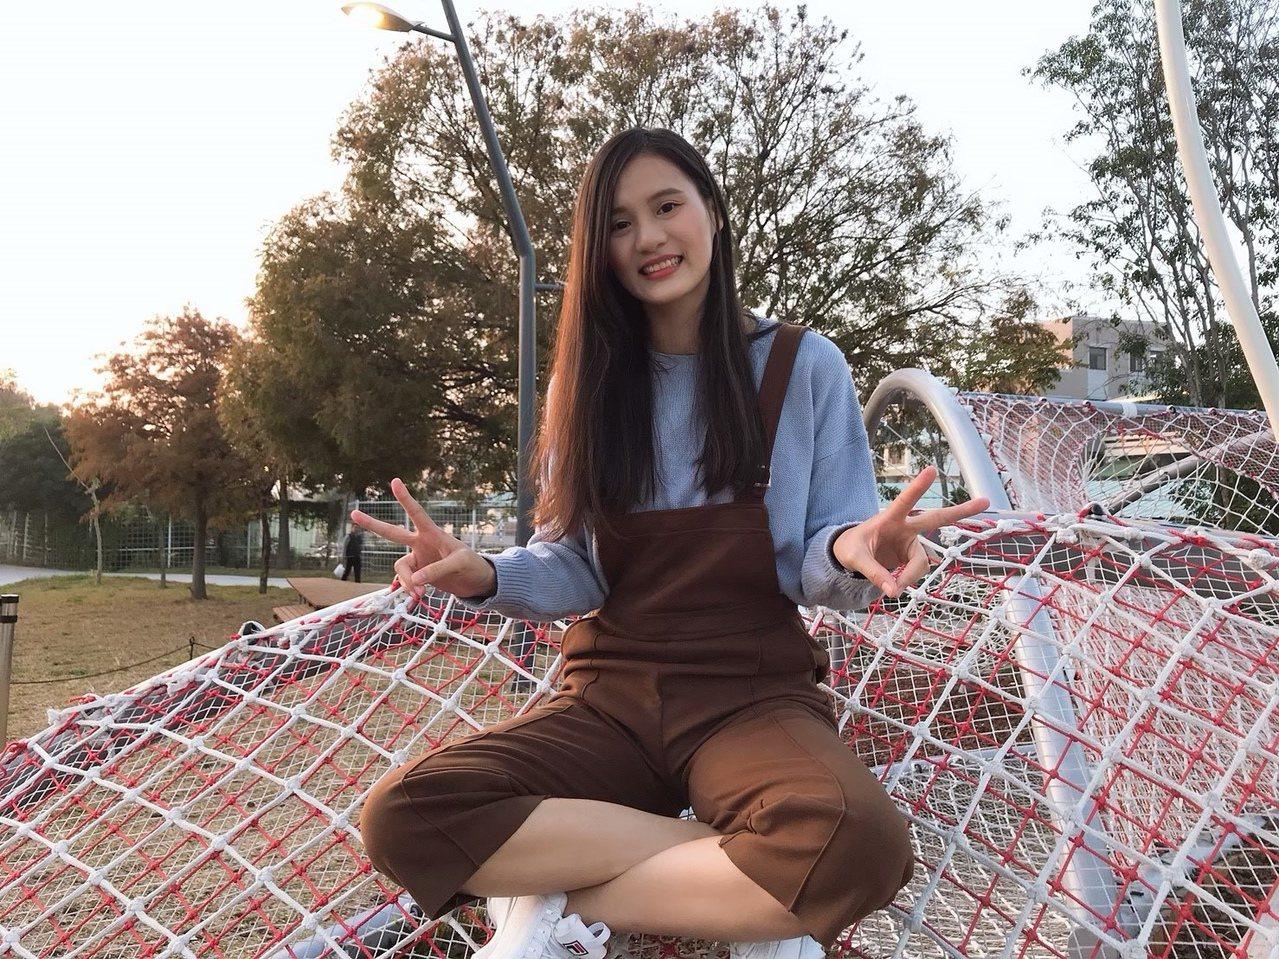 高雄科大會資系的廖靖宜,在畢業前夕撐過玩樂的誘惑,堅持到最後一刻,成了她應屆上榜...